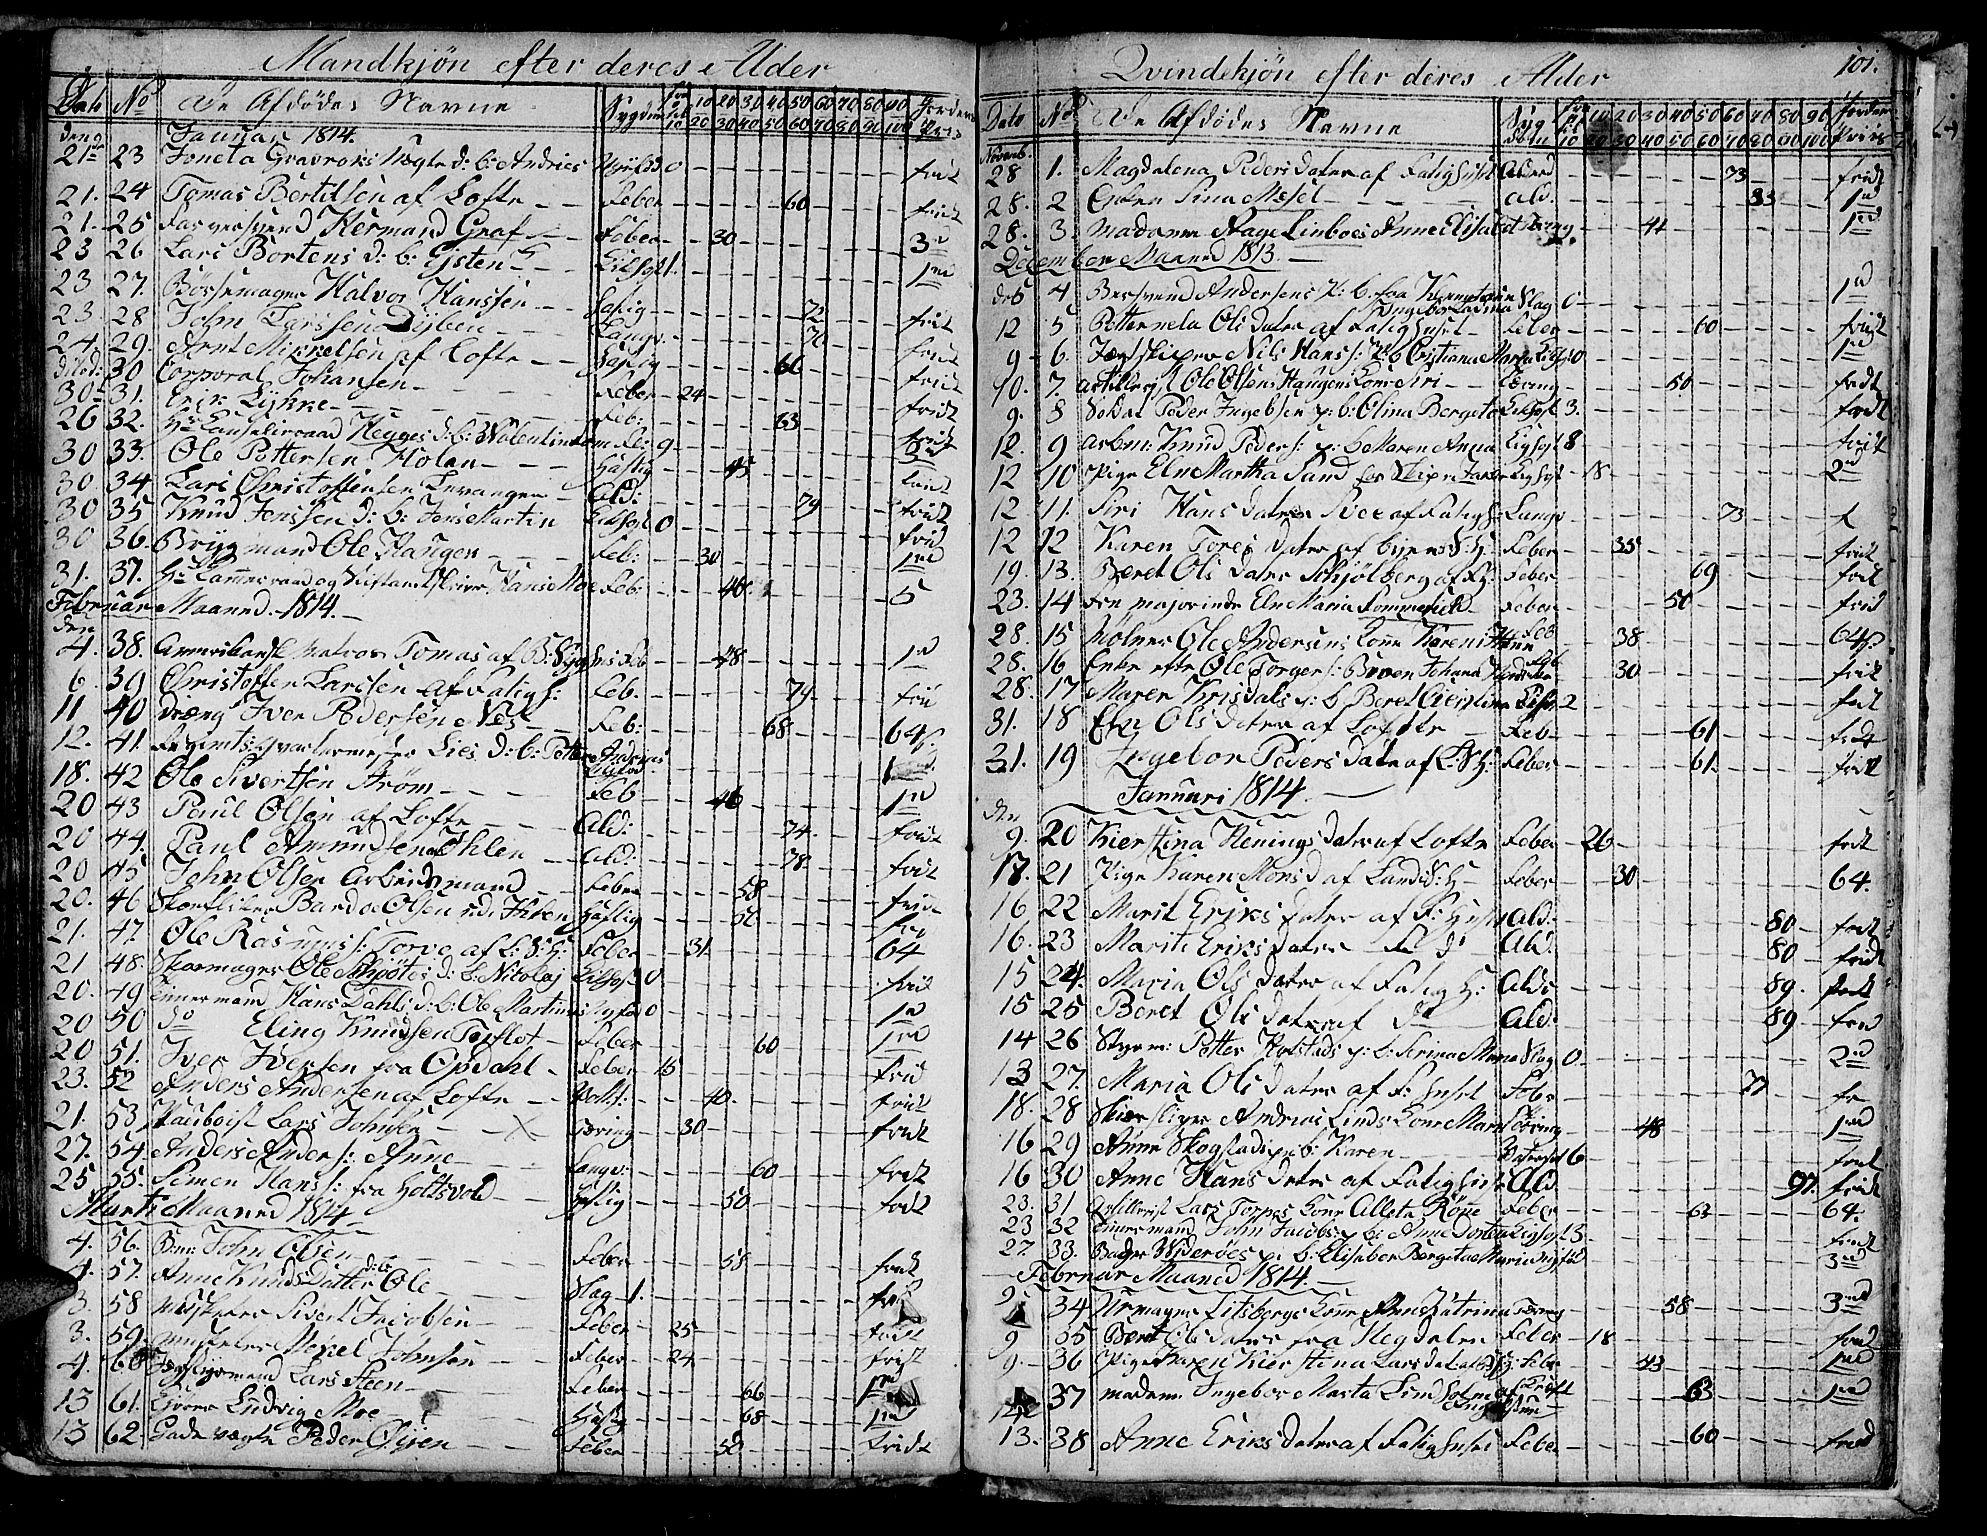 SAT, Ministerialprotokoller, klokkerbøker og fødselsregistre - Sør-Trøndelag, 601/L0040: Ministerialbok nr. 601A08, 1783-1818, s. 101